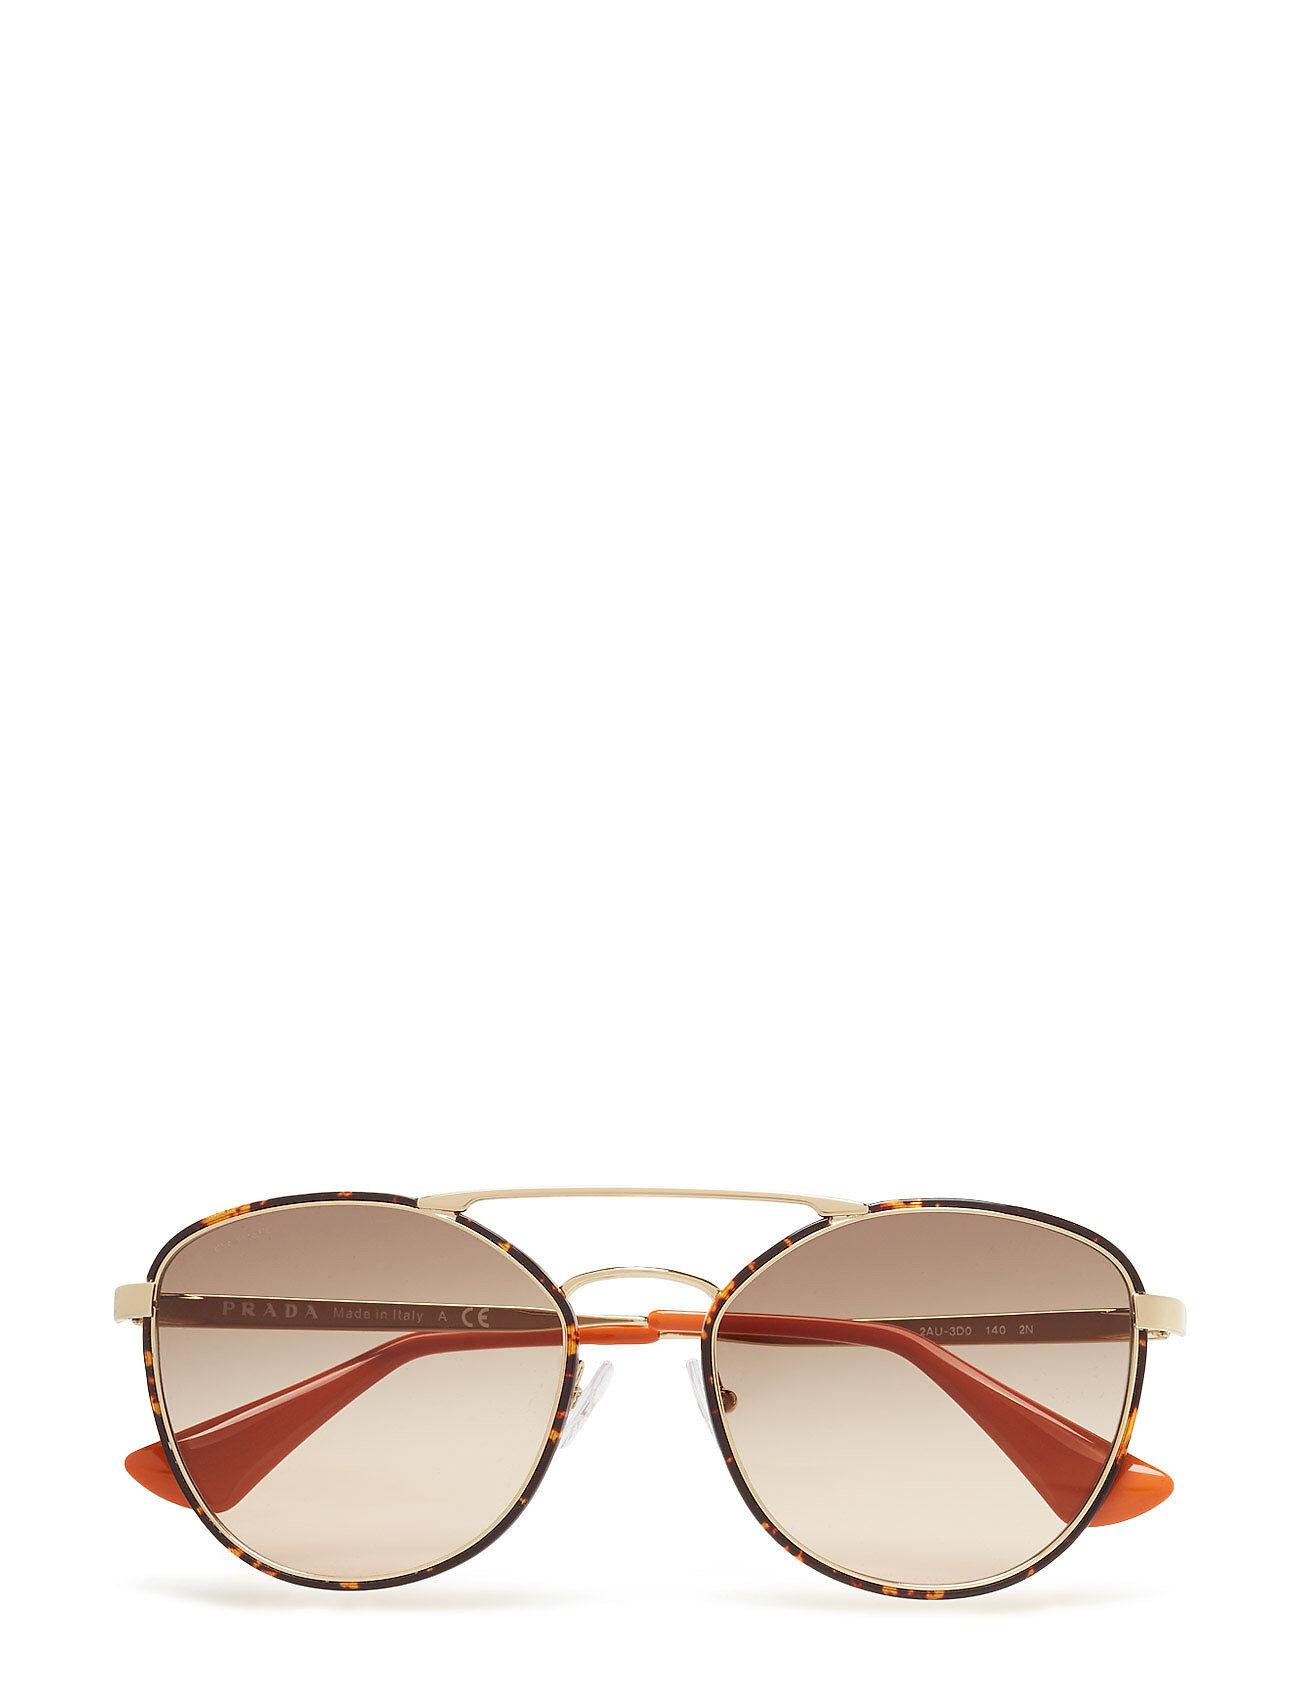 Image of Prada Sunglasses Not Defined Aurinkolasit Ruskea